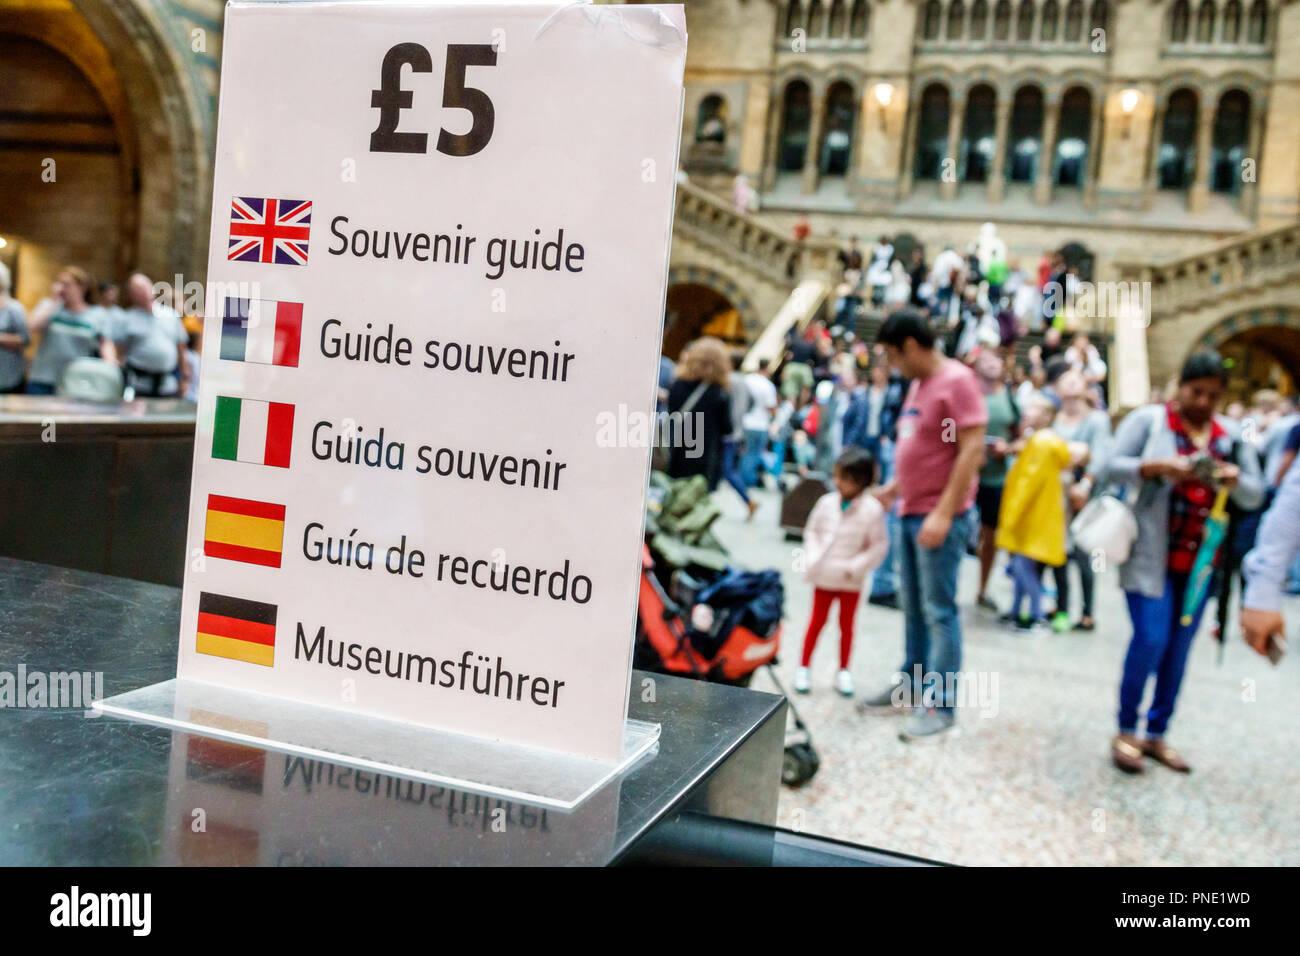 London England Grossbritannien Vereinigtes Königreich Kensington Natural History Museum in Mail Halle souvenir Guide zum Verkauf mehrere Sprachen Französisch Spani Stockbild